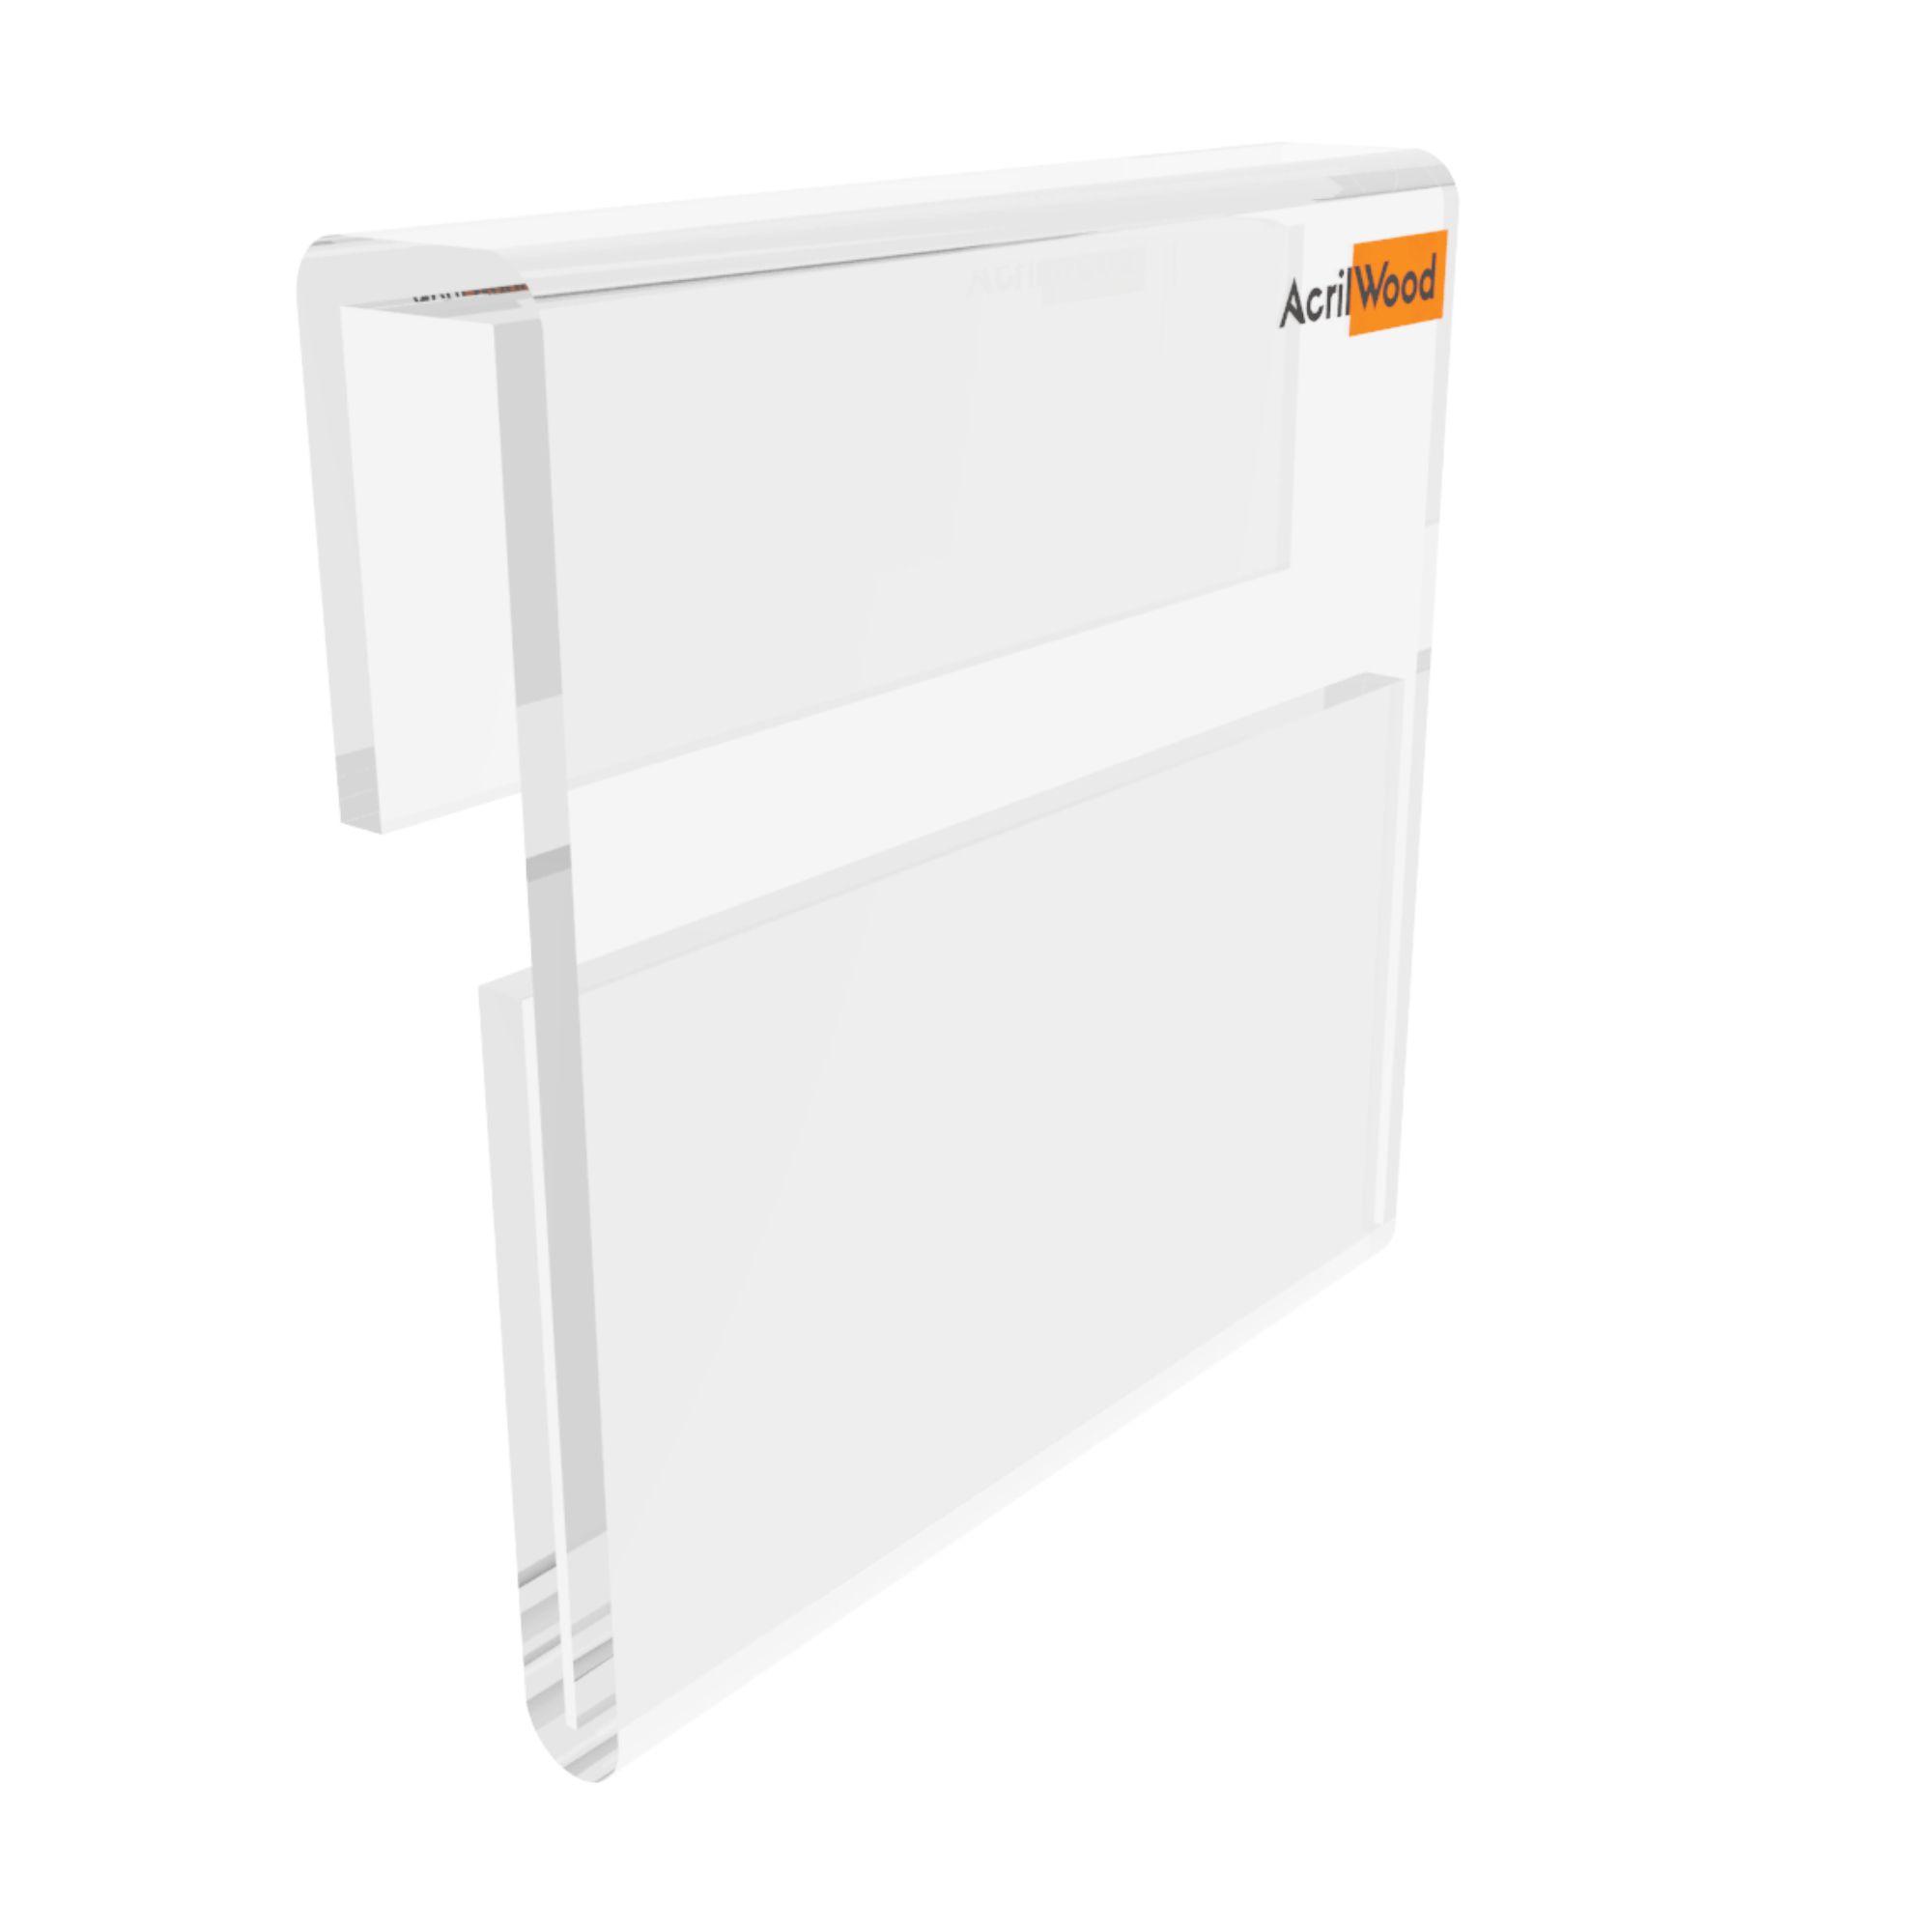 Display Precificador Em Acrílico Em U Para Vidro - 5x5cm